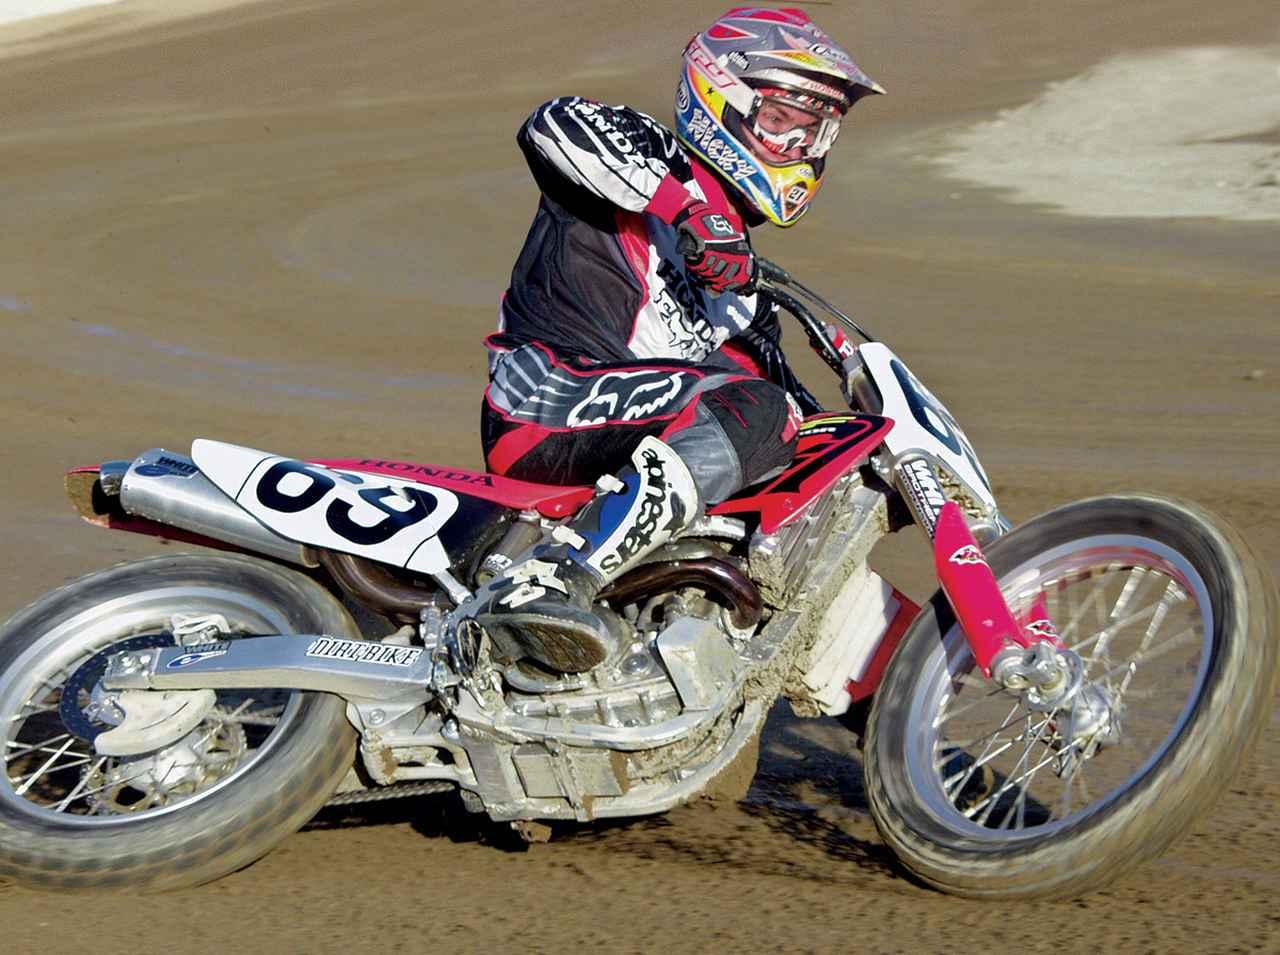 画像1: Maely's Ranch Corona, CA dirtbikemagazine.com